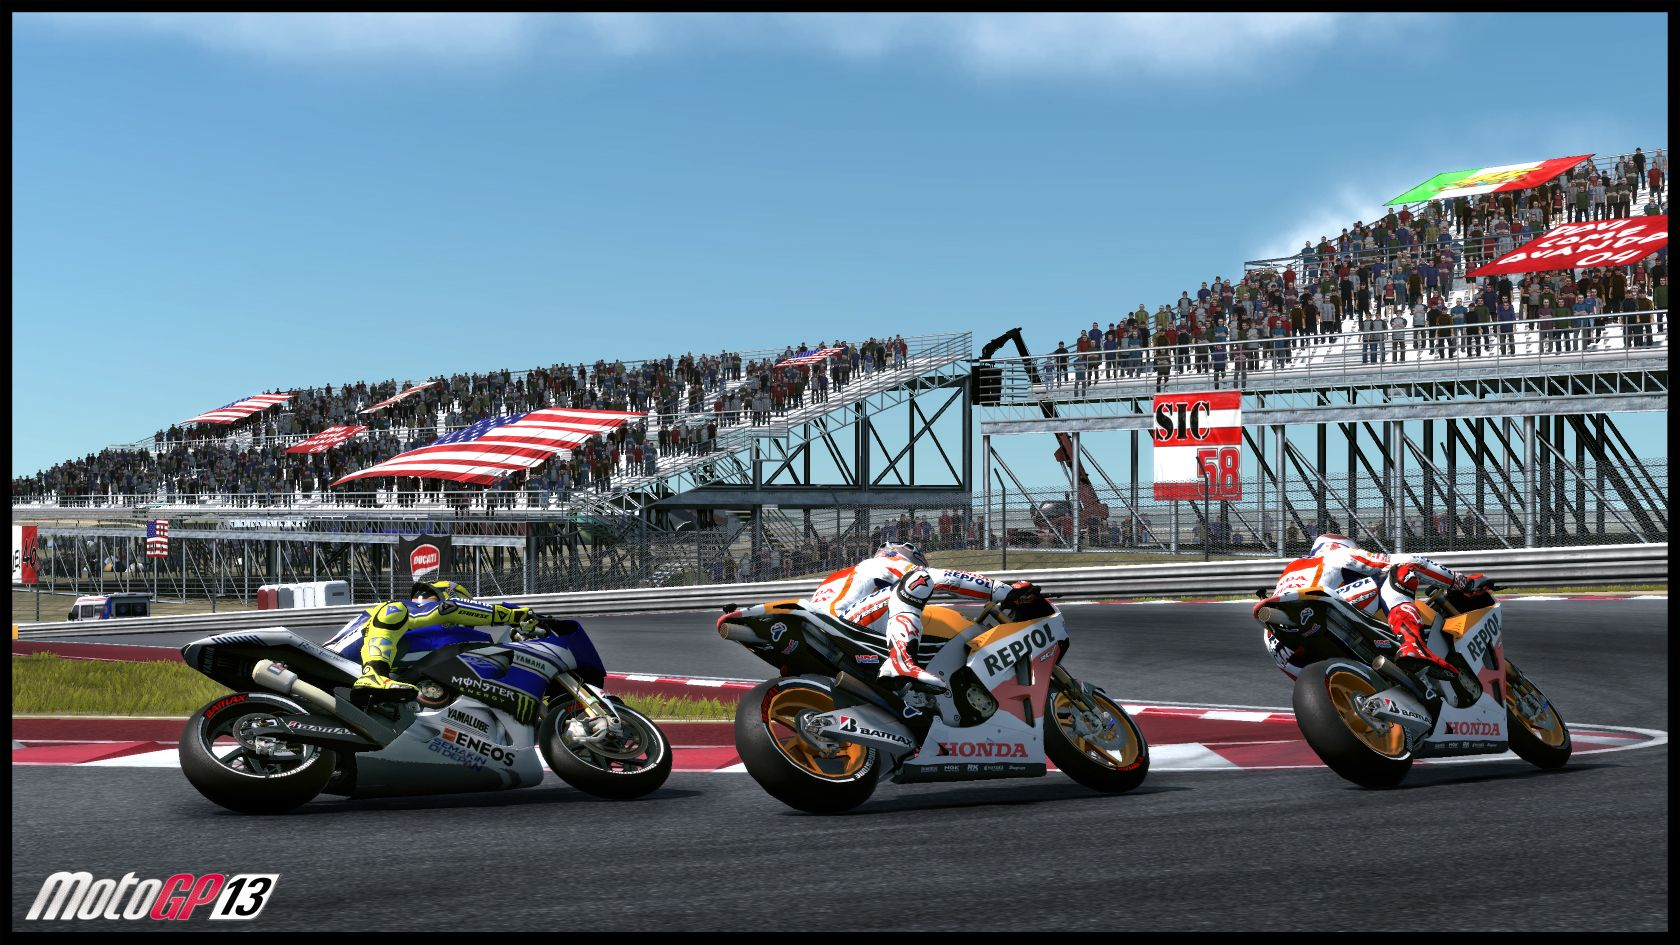 MotoGP 13 Image Gallery | MegaGames